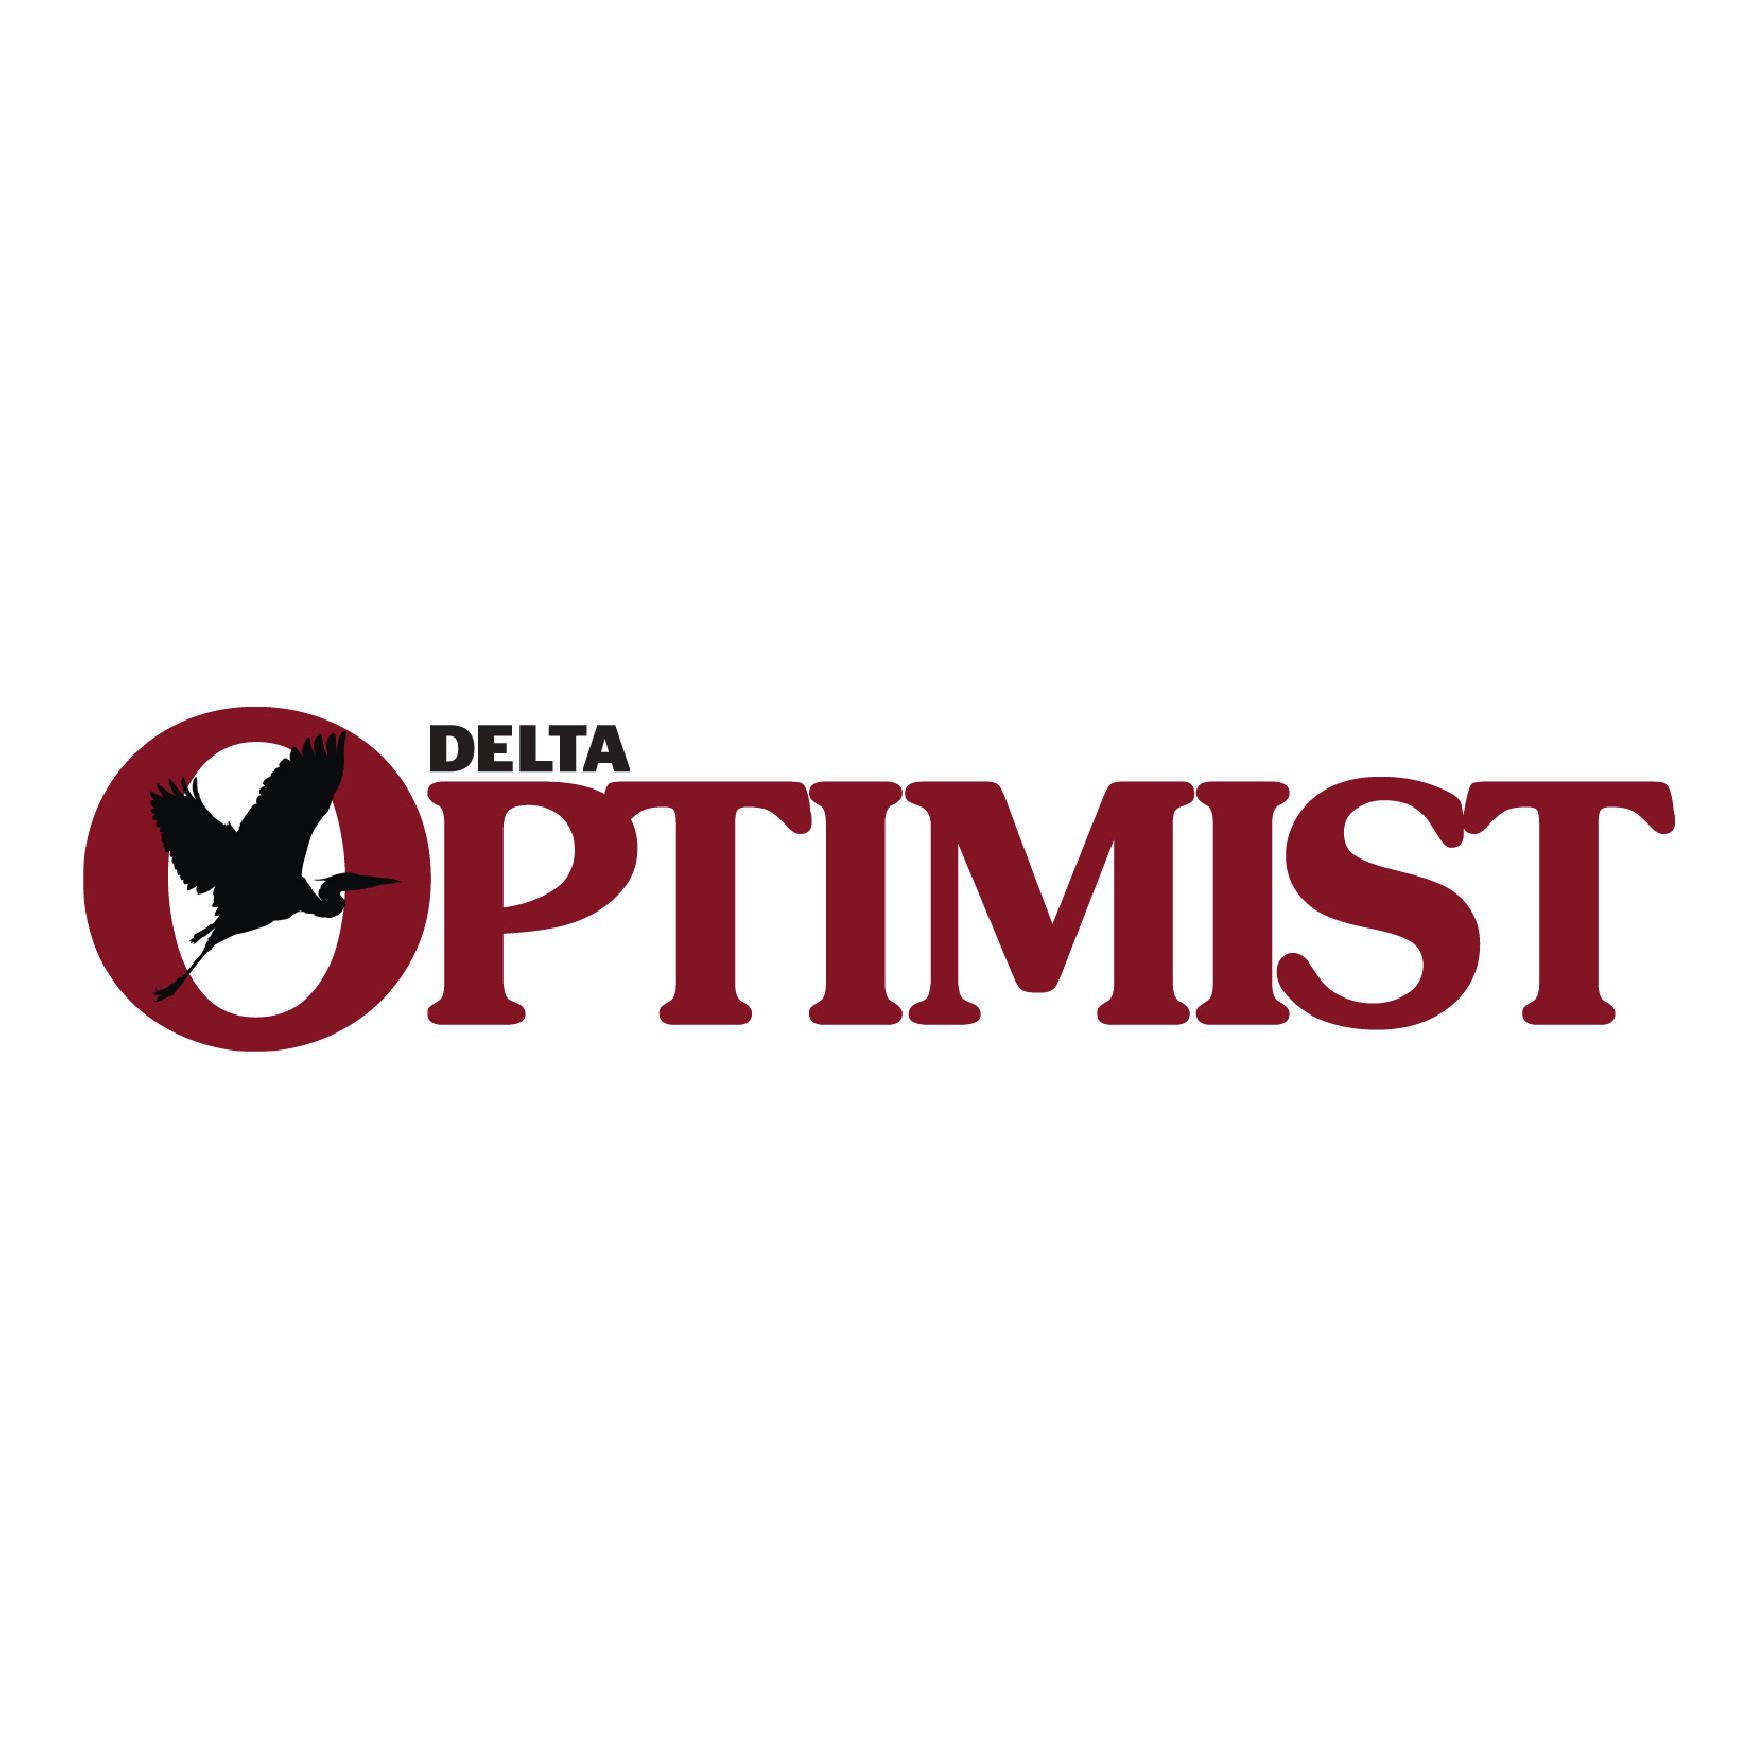 Delta Optimist